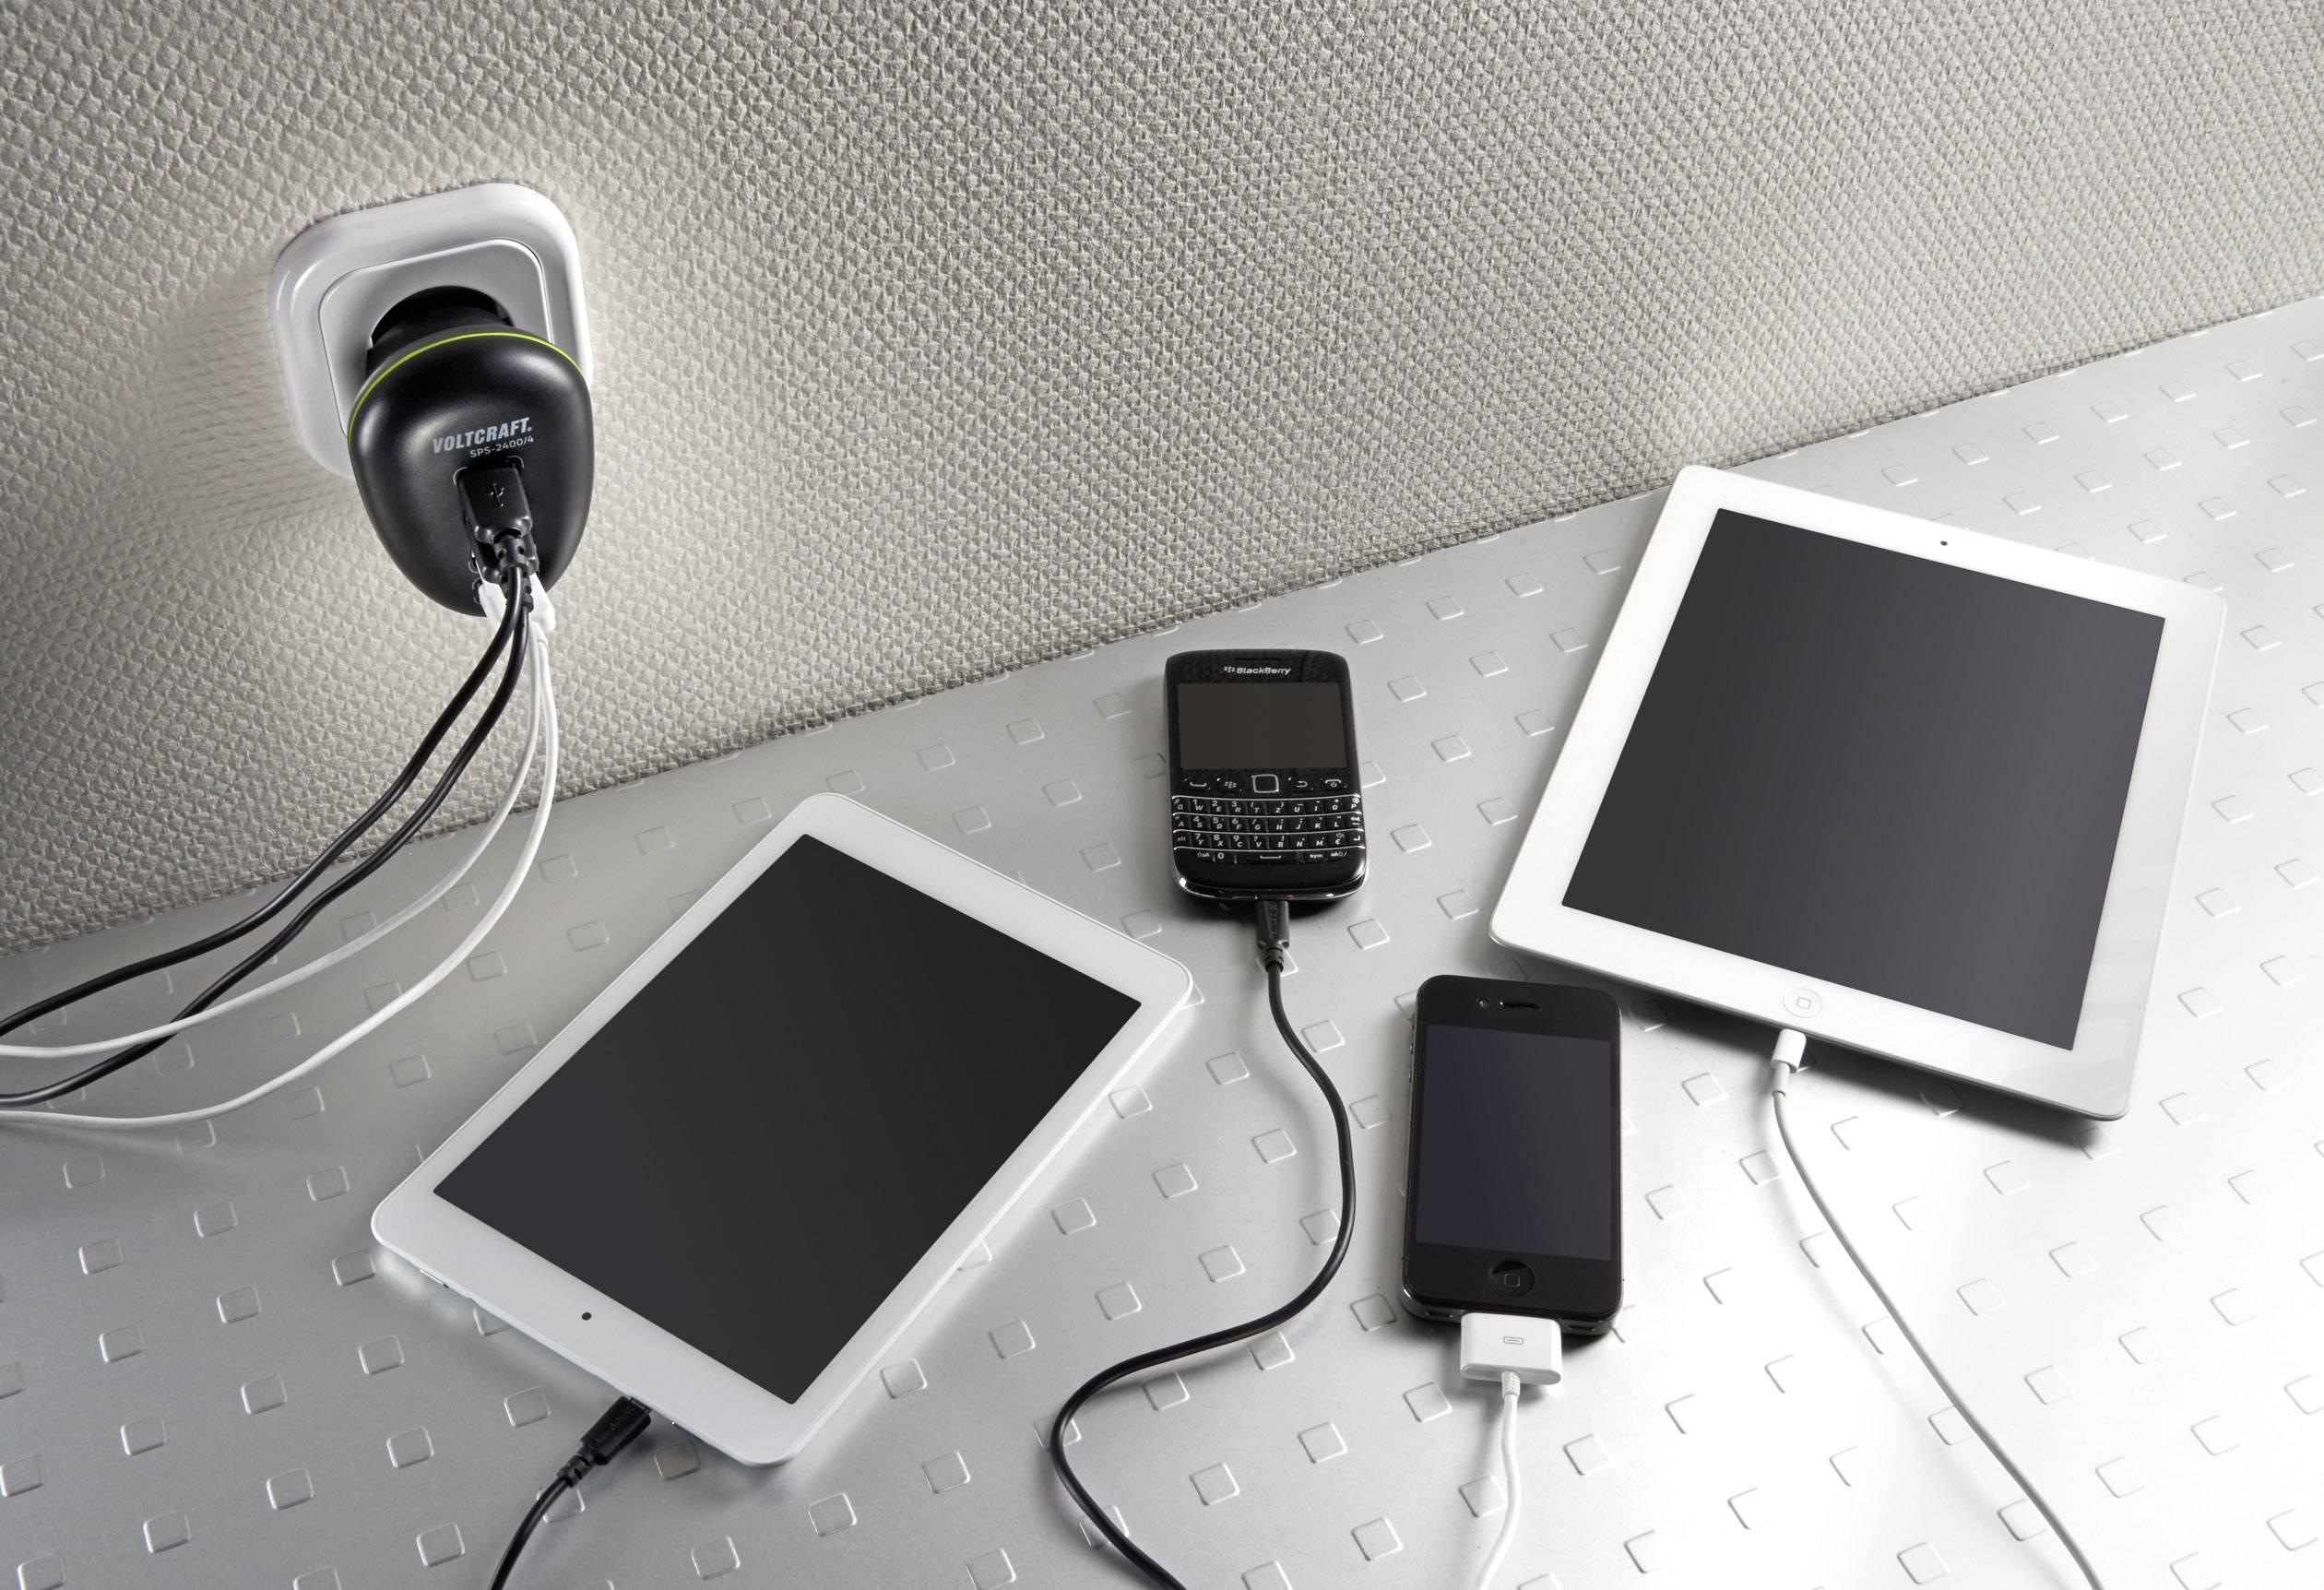 USB nabíjačka Voltcraft SPS-2400/4, 4x USB, 1 A